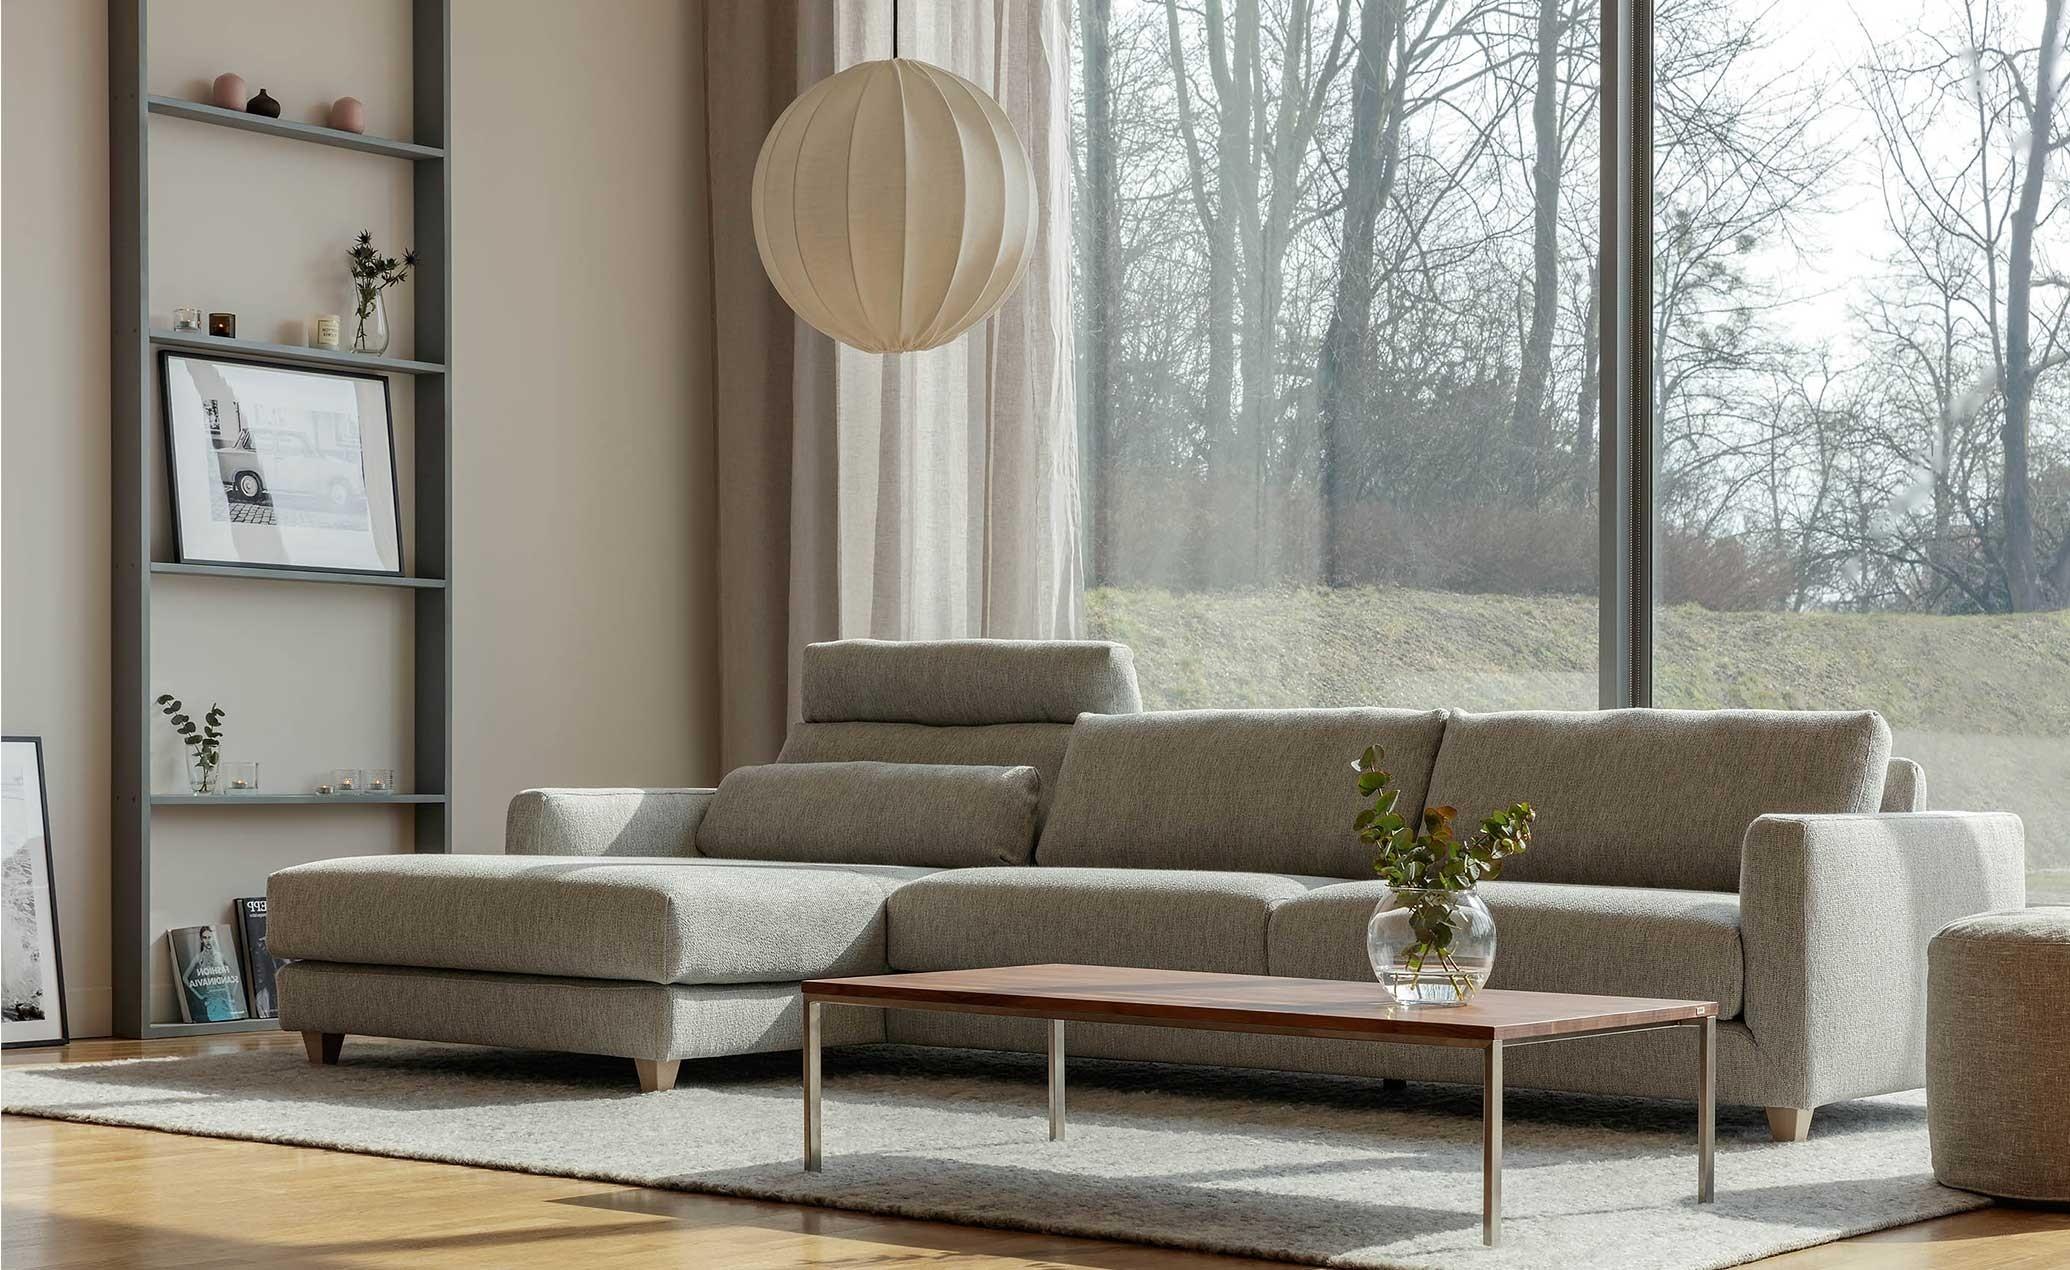 Kenza corner sofa - set 1